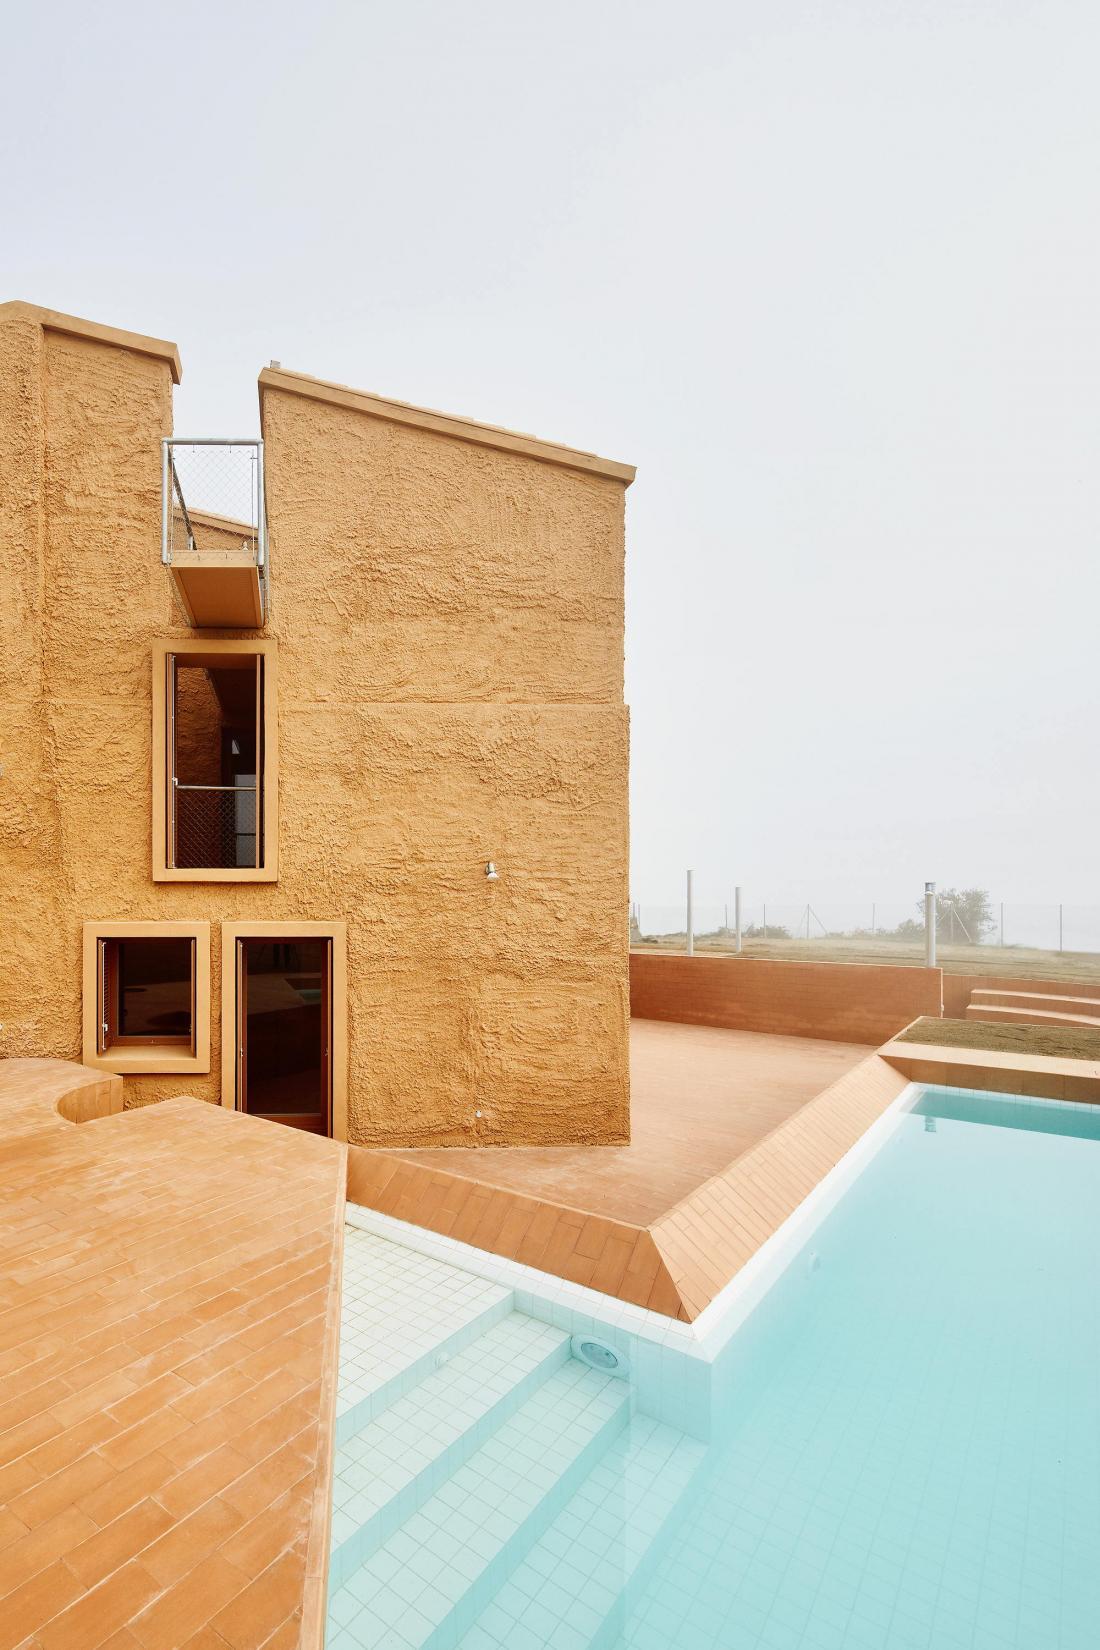 Реконструкция фермерского дома в Испании от студии Arquitectura–G 1